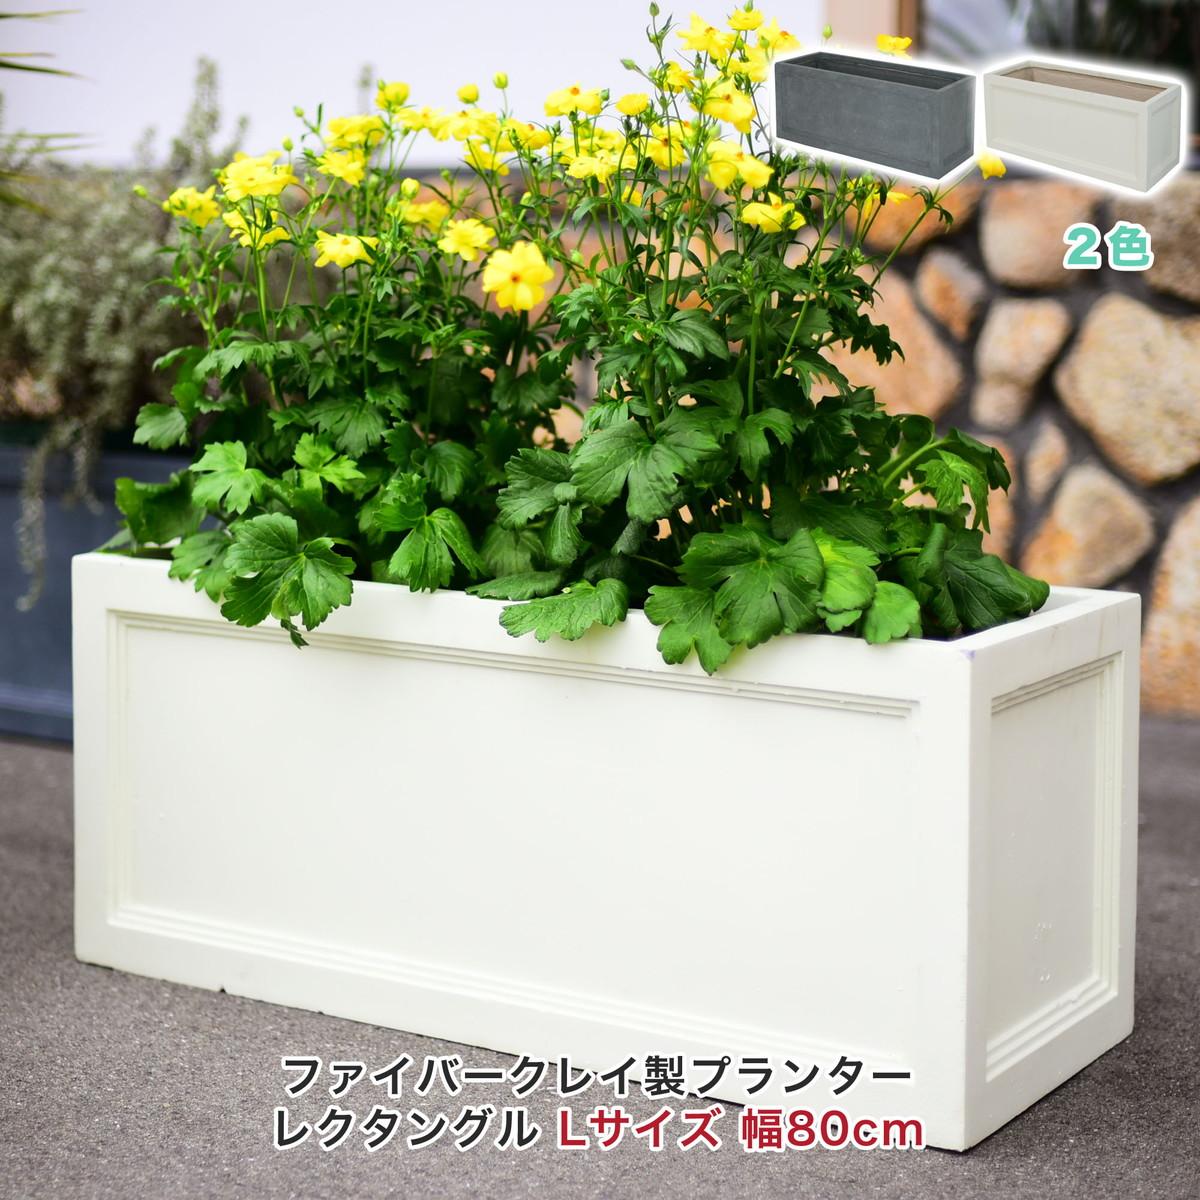 プランター 植木鉢 レクタングル Lサイズ ファイバークレイ rctpl-l